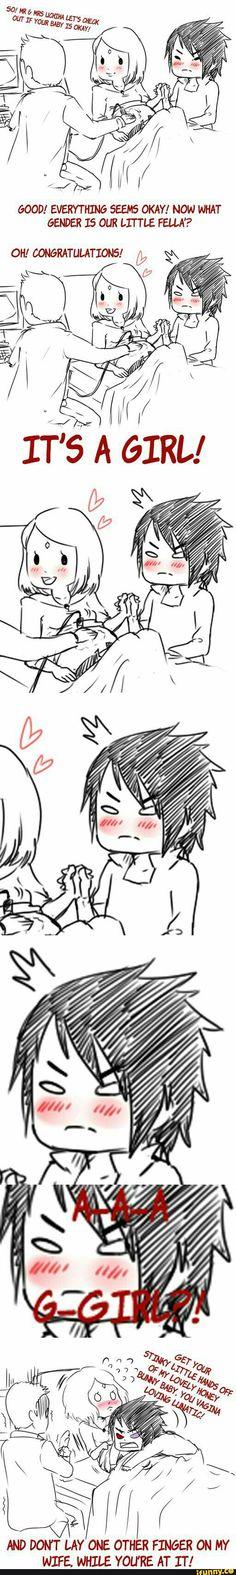 Awwww this is cute (=゚ω゚)ノ